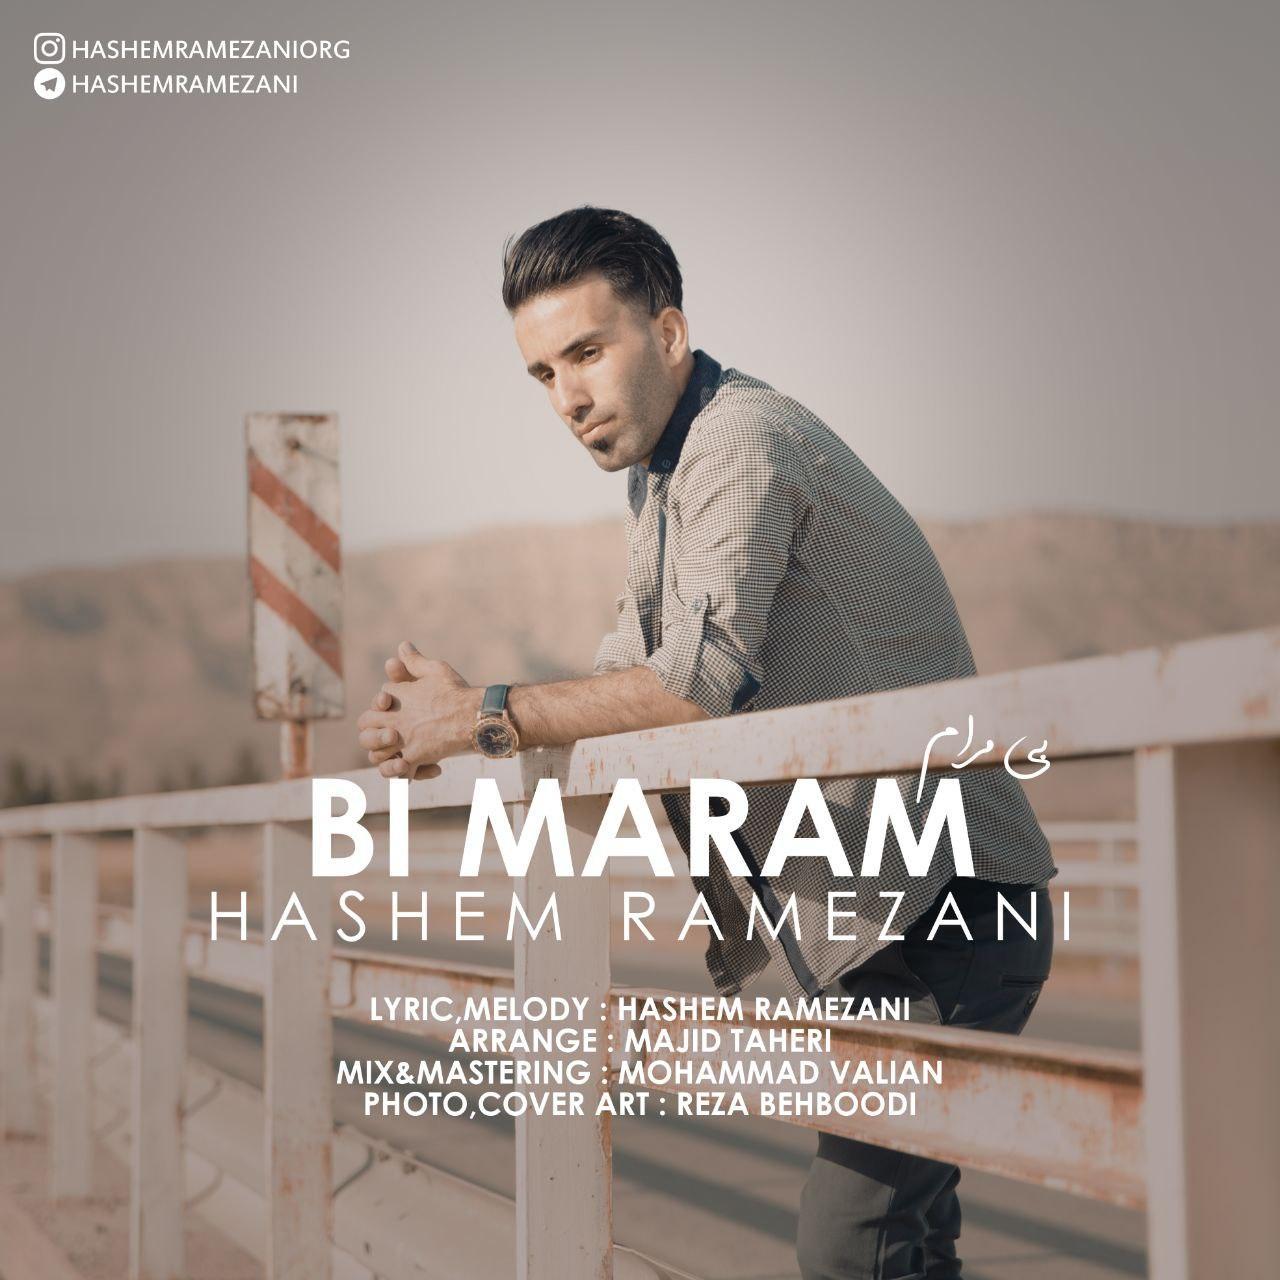 دانلود موزیک جدید بی مرام از هاشم رمضانی